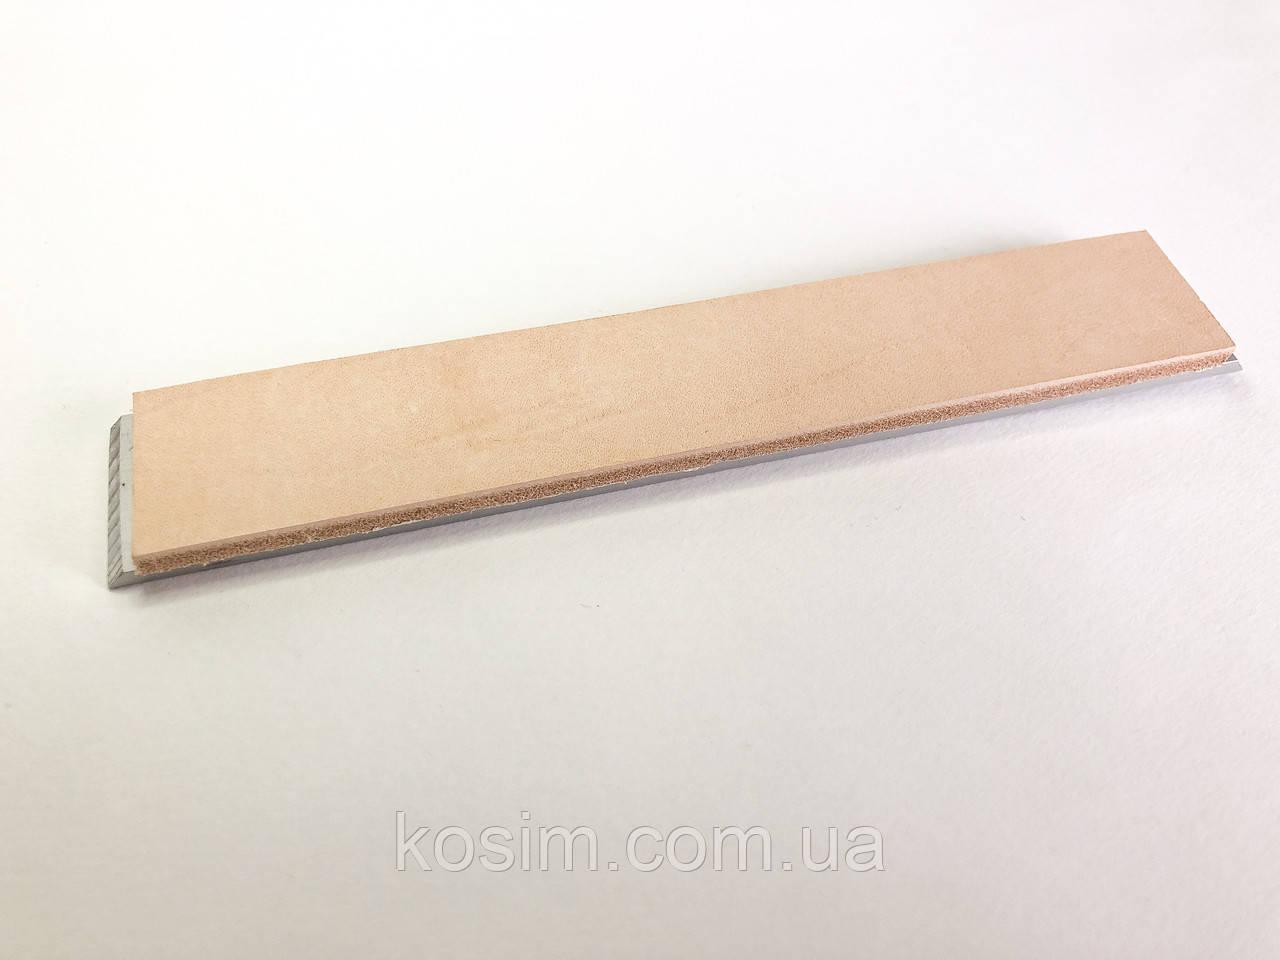 Бланк с кожей для точилки типа Apex для полировки, правки ножей бритв